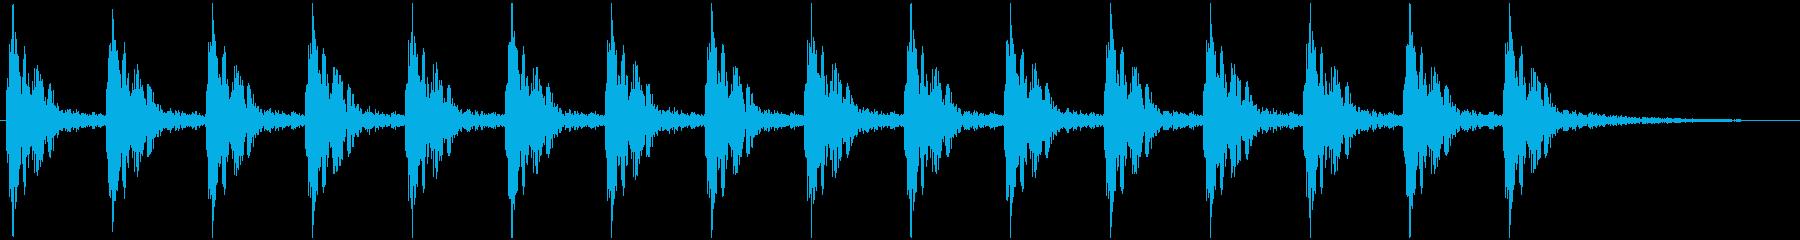 心臓の鼓動(ドクンドクン)の再生済みの波形